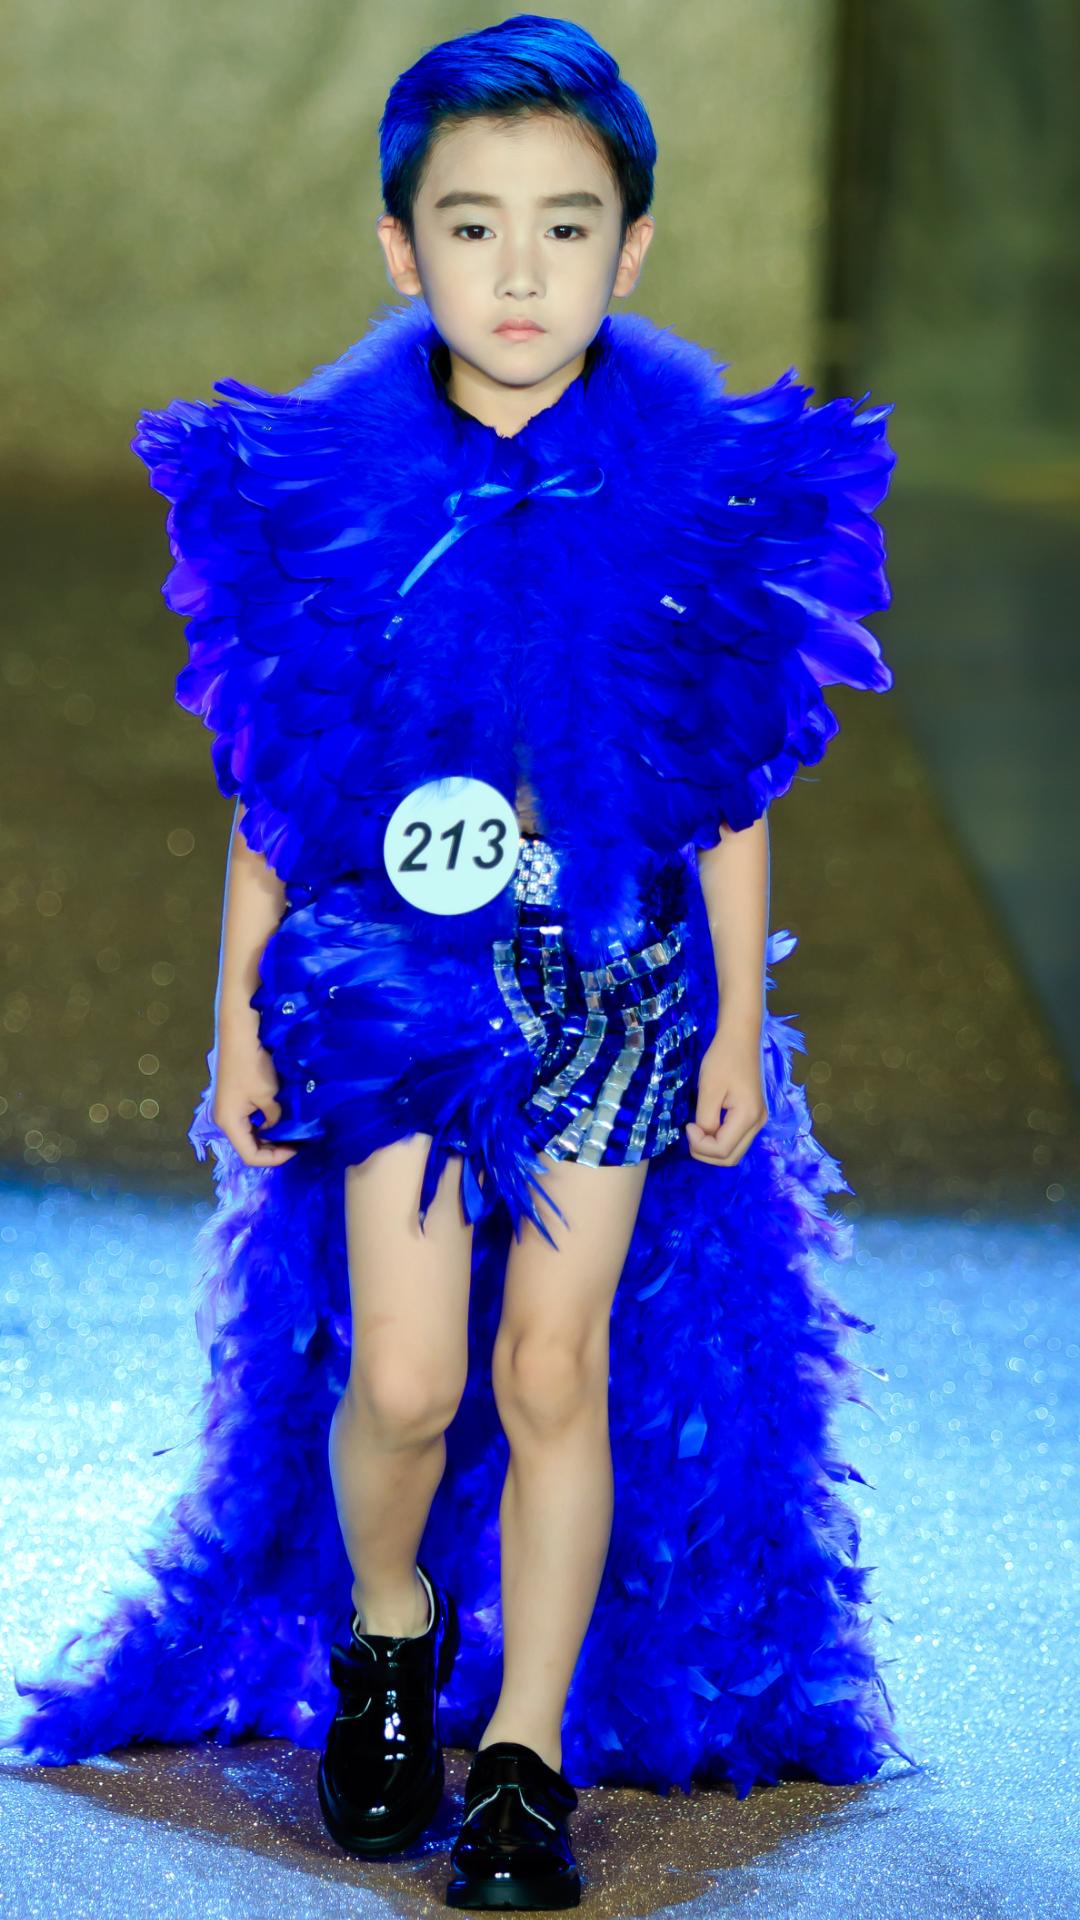 男童泳装羽毛 走秀 服饰羽毛脖领 模特大赛t台 创意 华服礼服服装